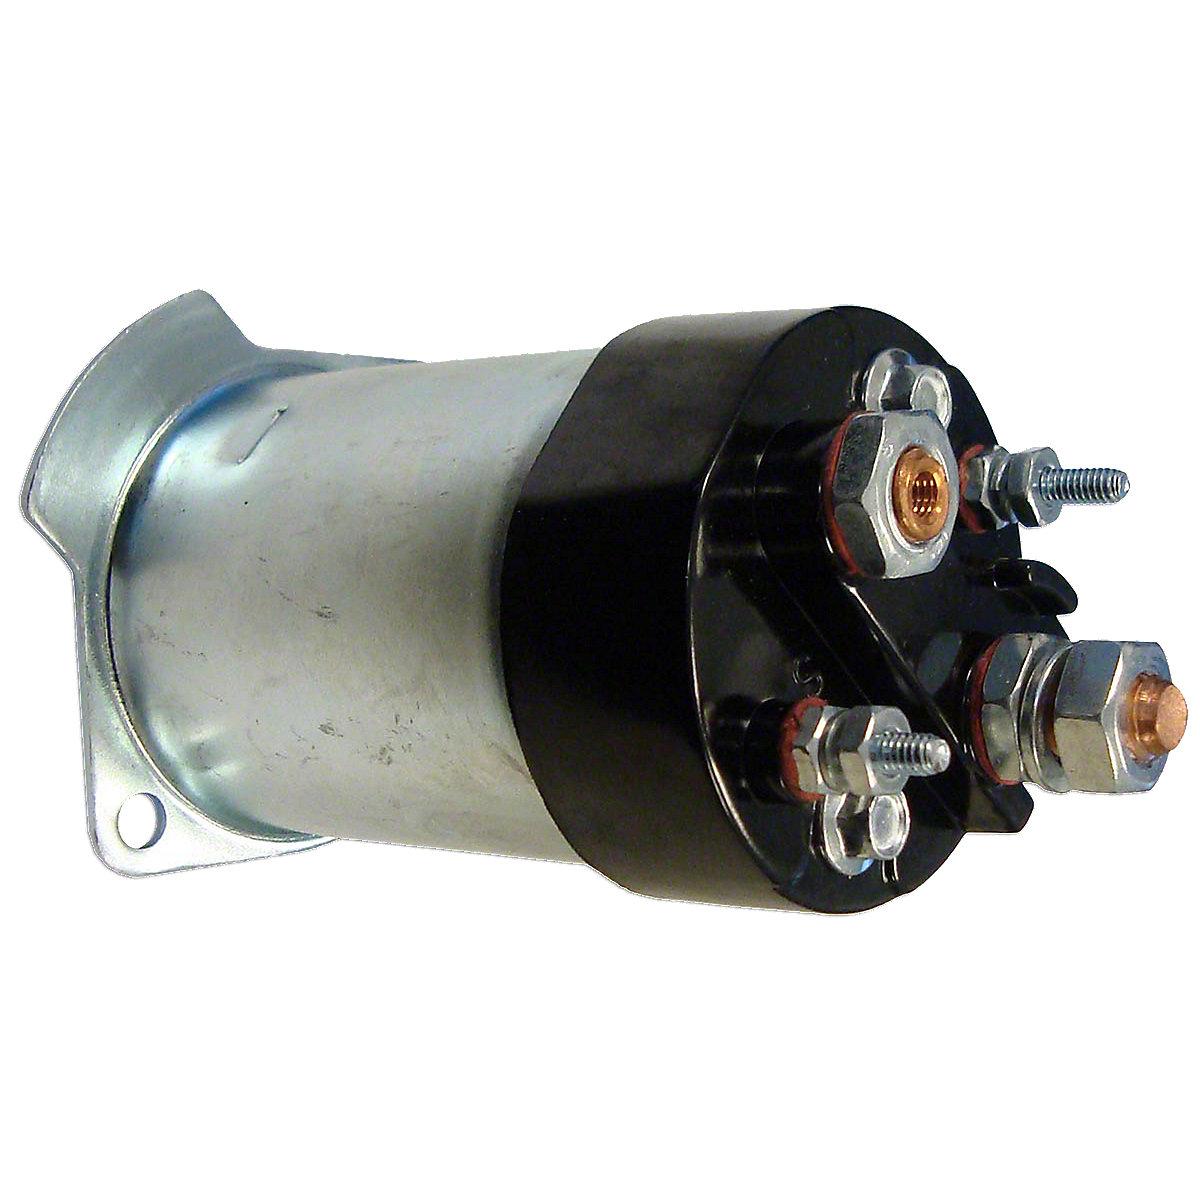 Massey Ferguson 135 Starter : Abc delco volt starter solenoid for massey